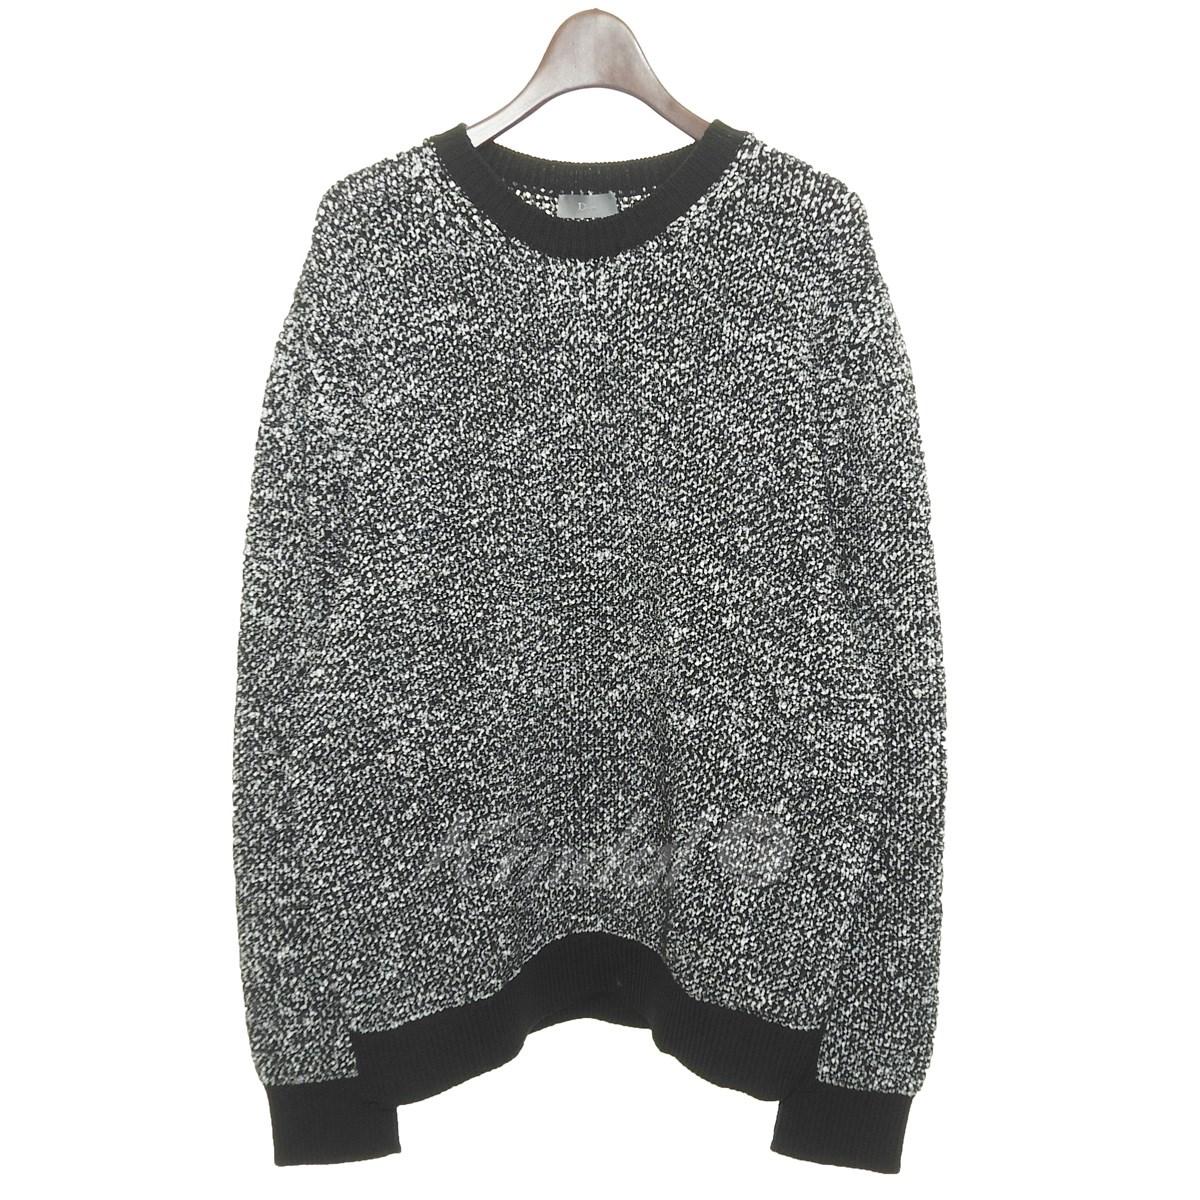 【中古】Dior Homme 17SS コットンミックスセーター ブラック サイズ:L 【010319】(ディオールオム)